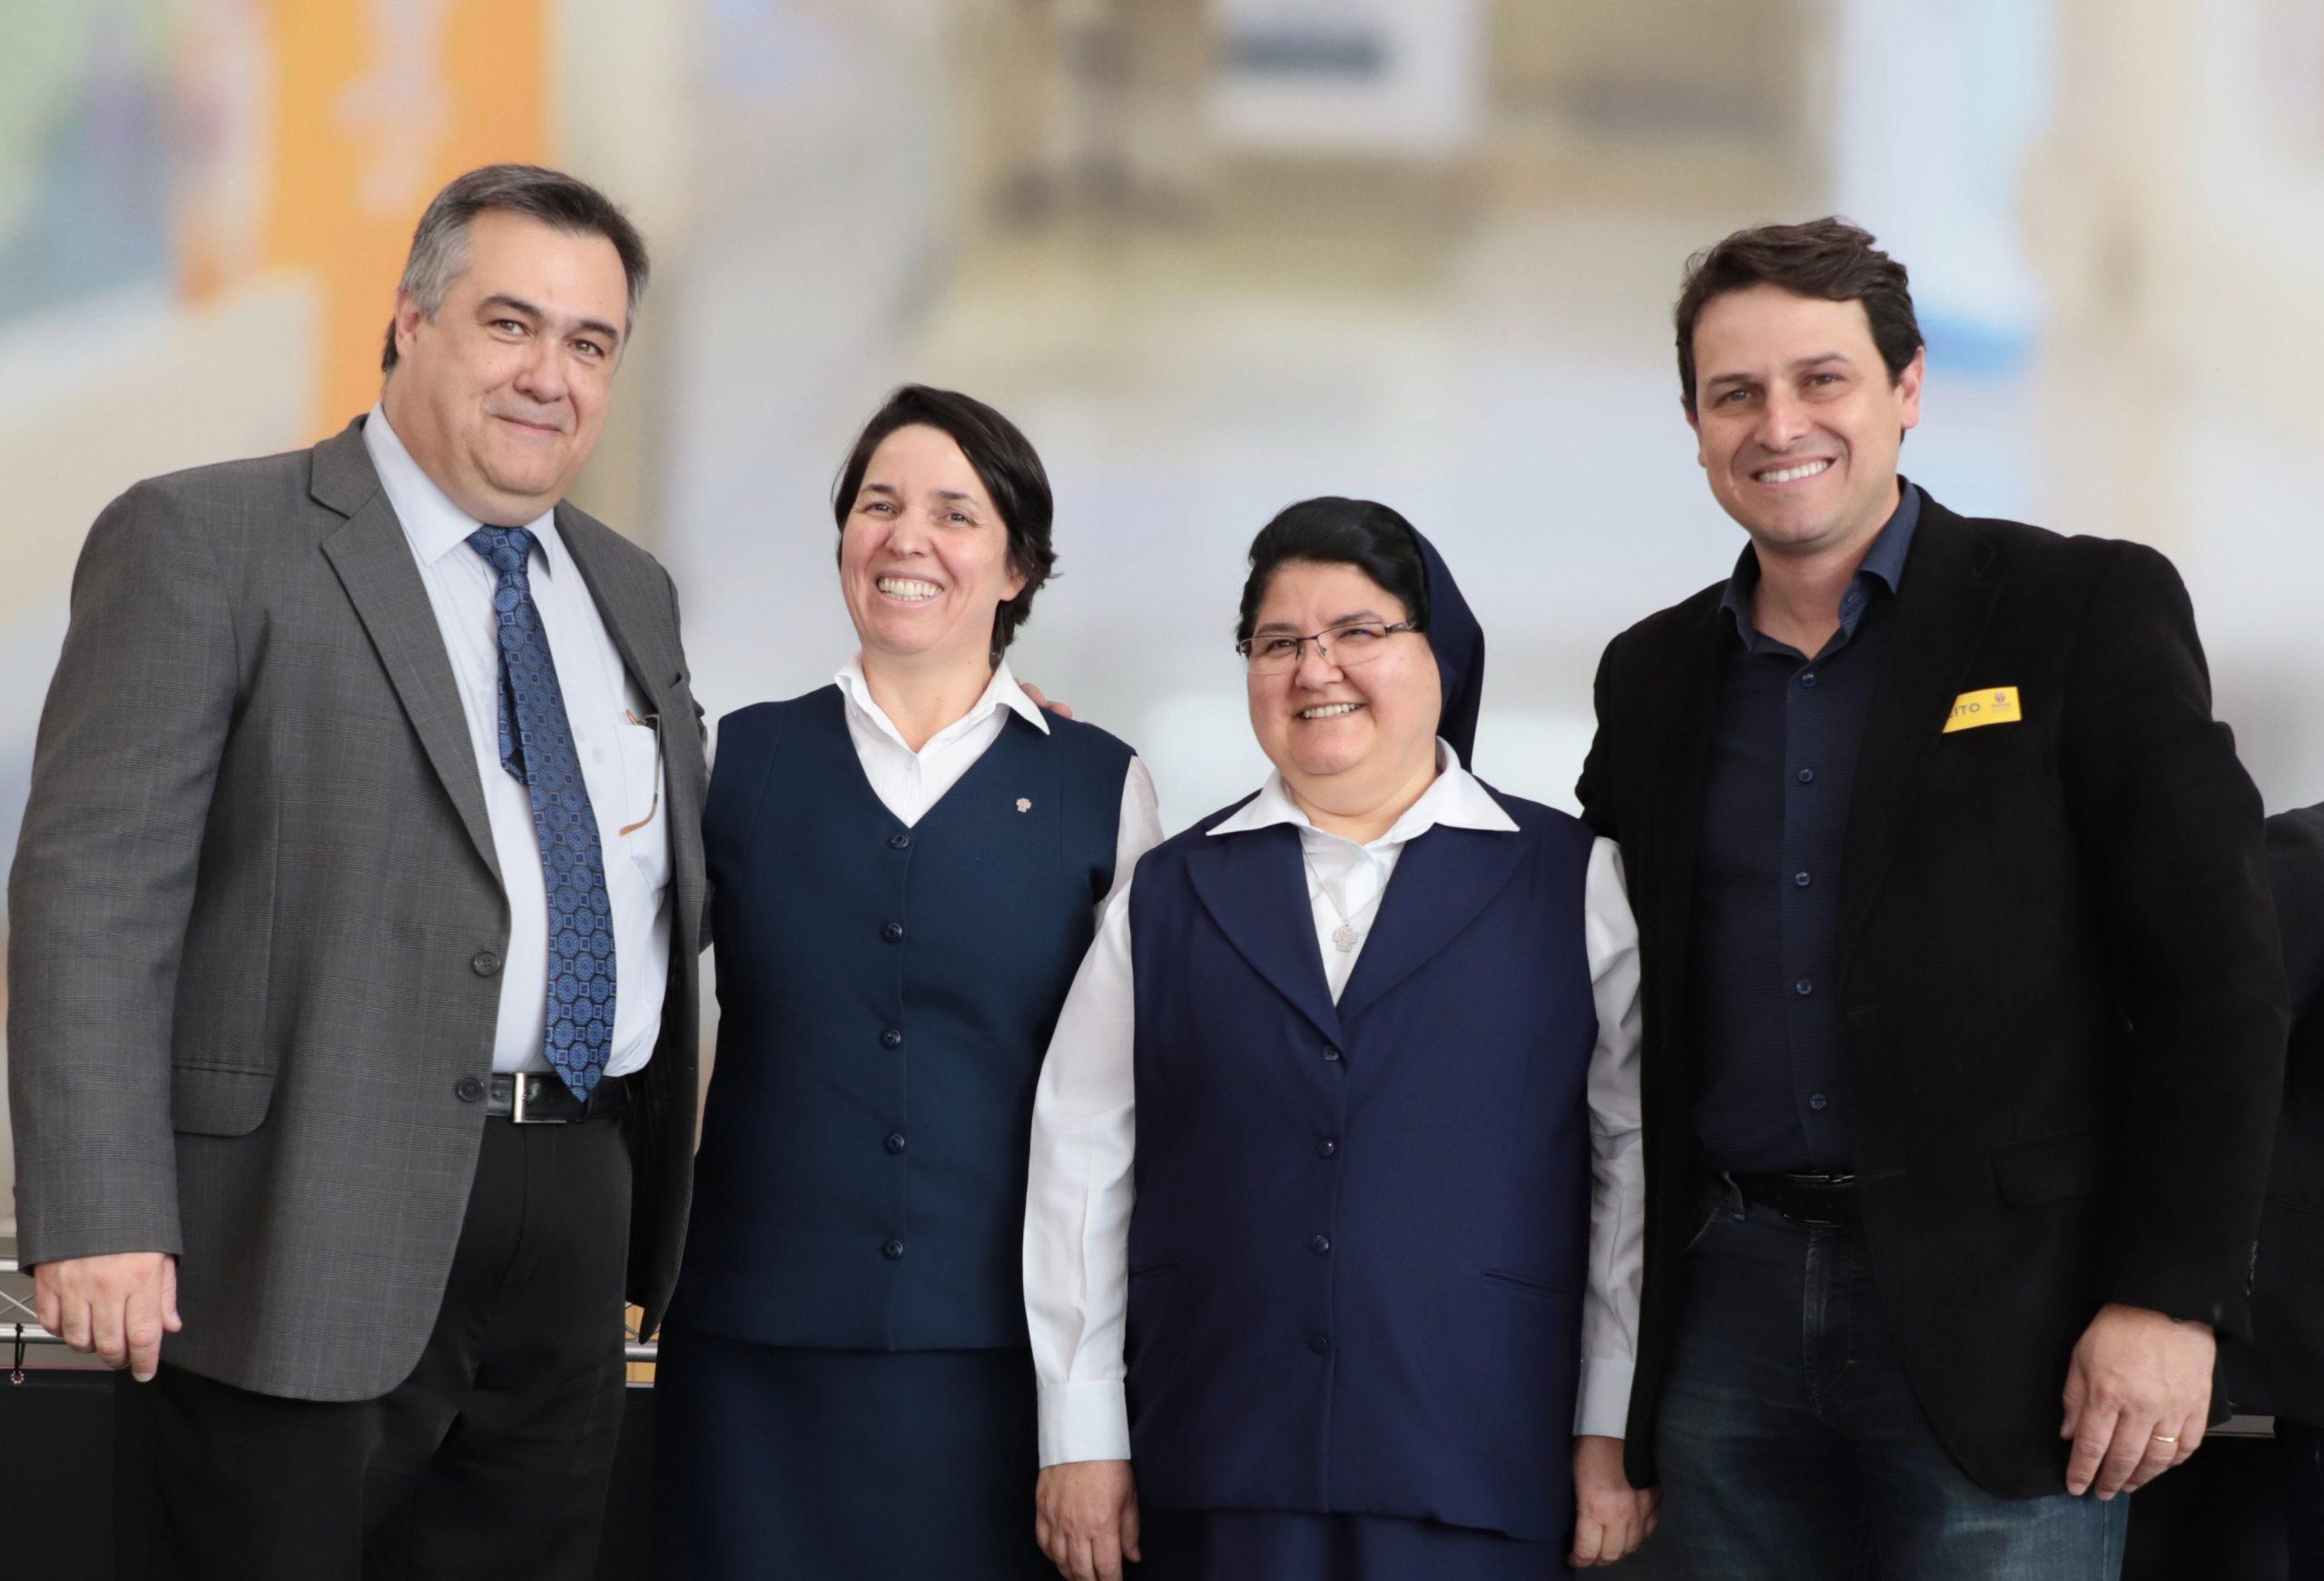 Em evento no Palácio Iguaçu, Governador Ratinho Júnior e o secretário de Estado da Saúde, Beto Preto, autorizaram os recursos. Obras do Hospital da Providência Materno Infantil começam ainda neste primeiro semestre